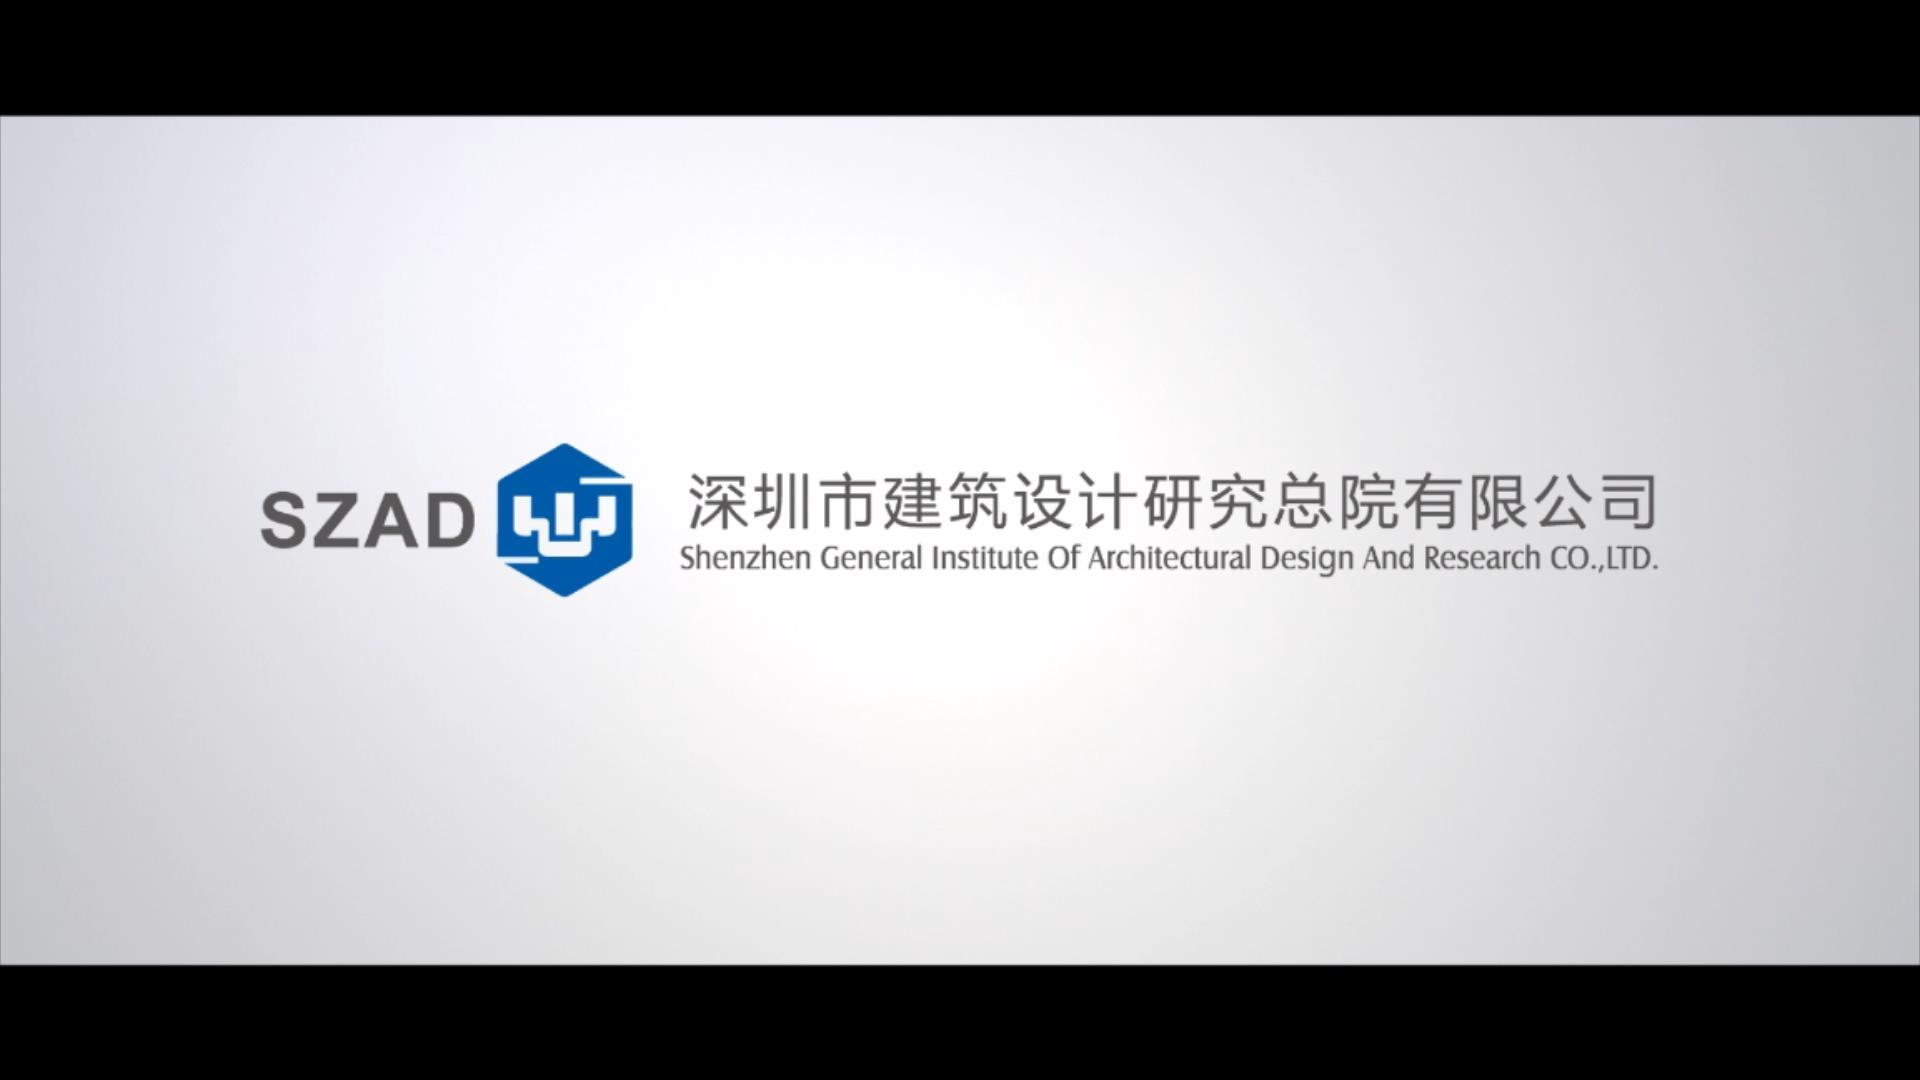 深圳建筑设计研究总院形象片